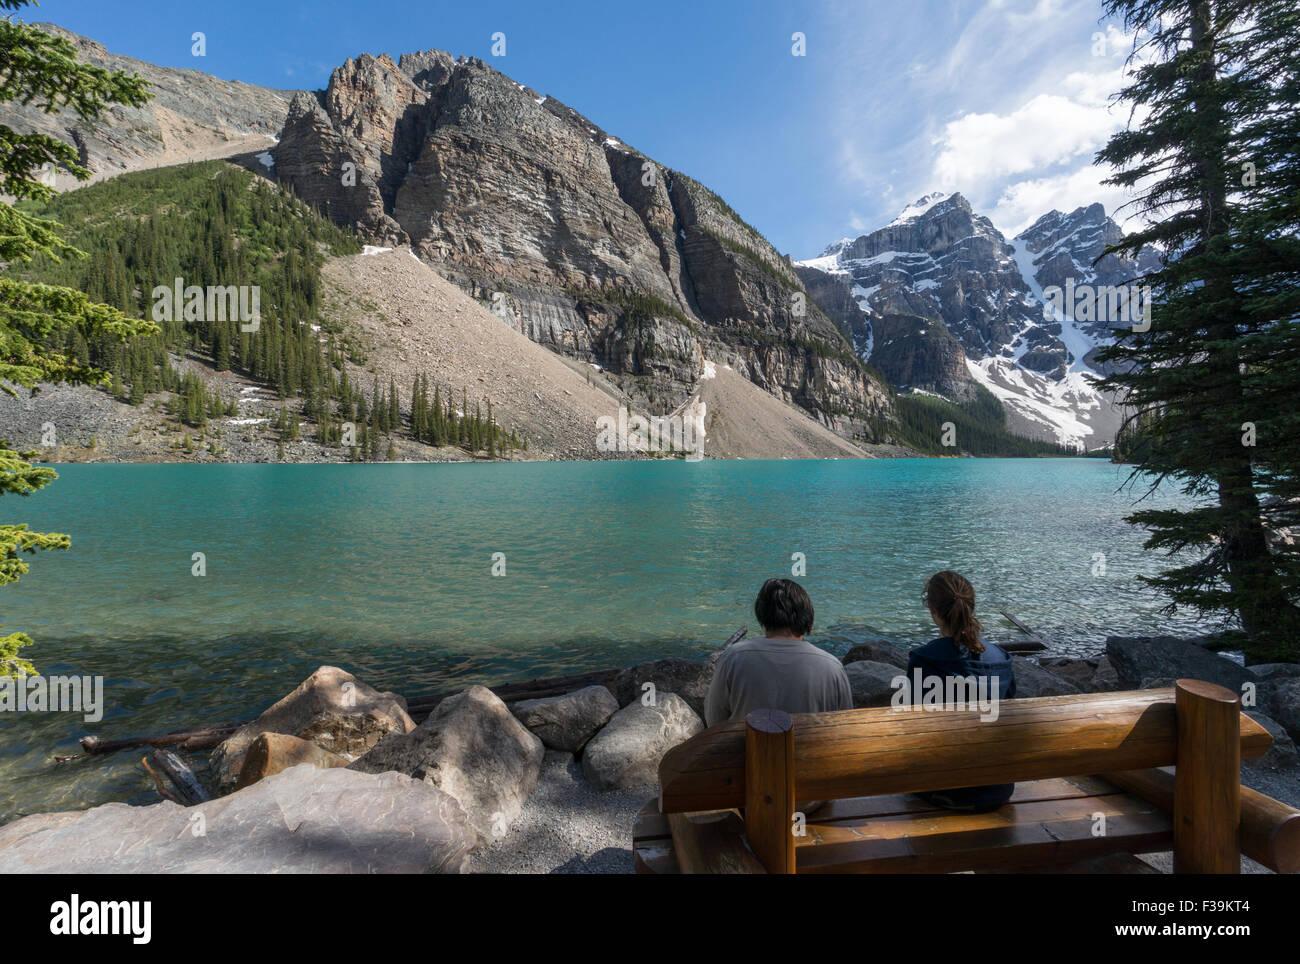 Zwei Menschen sitzen Moraine Lake, Banff Nationalpark, Kanadische Rockies, Alberta, Kanada Stockbild